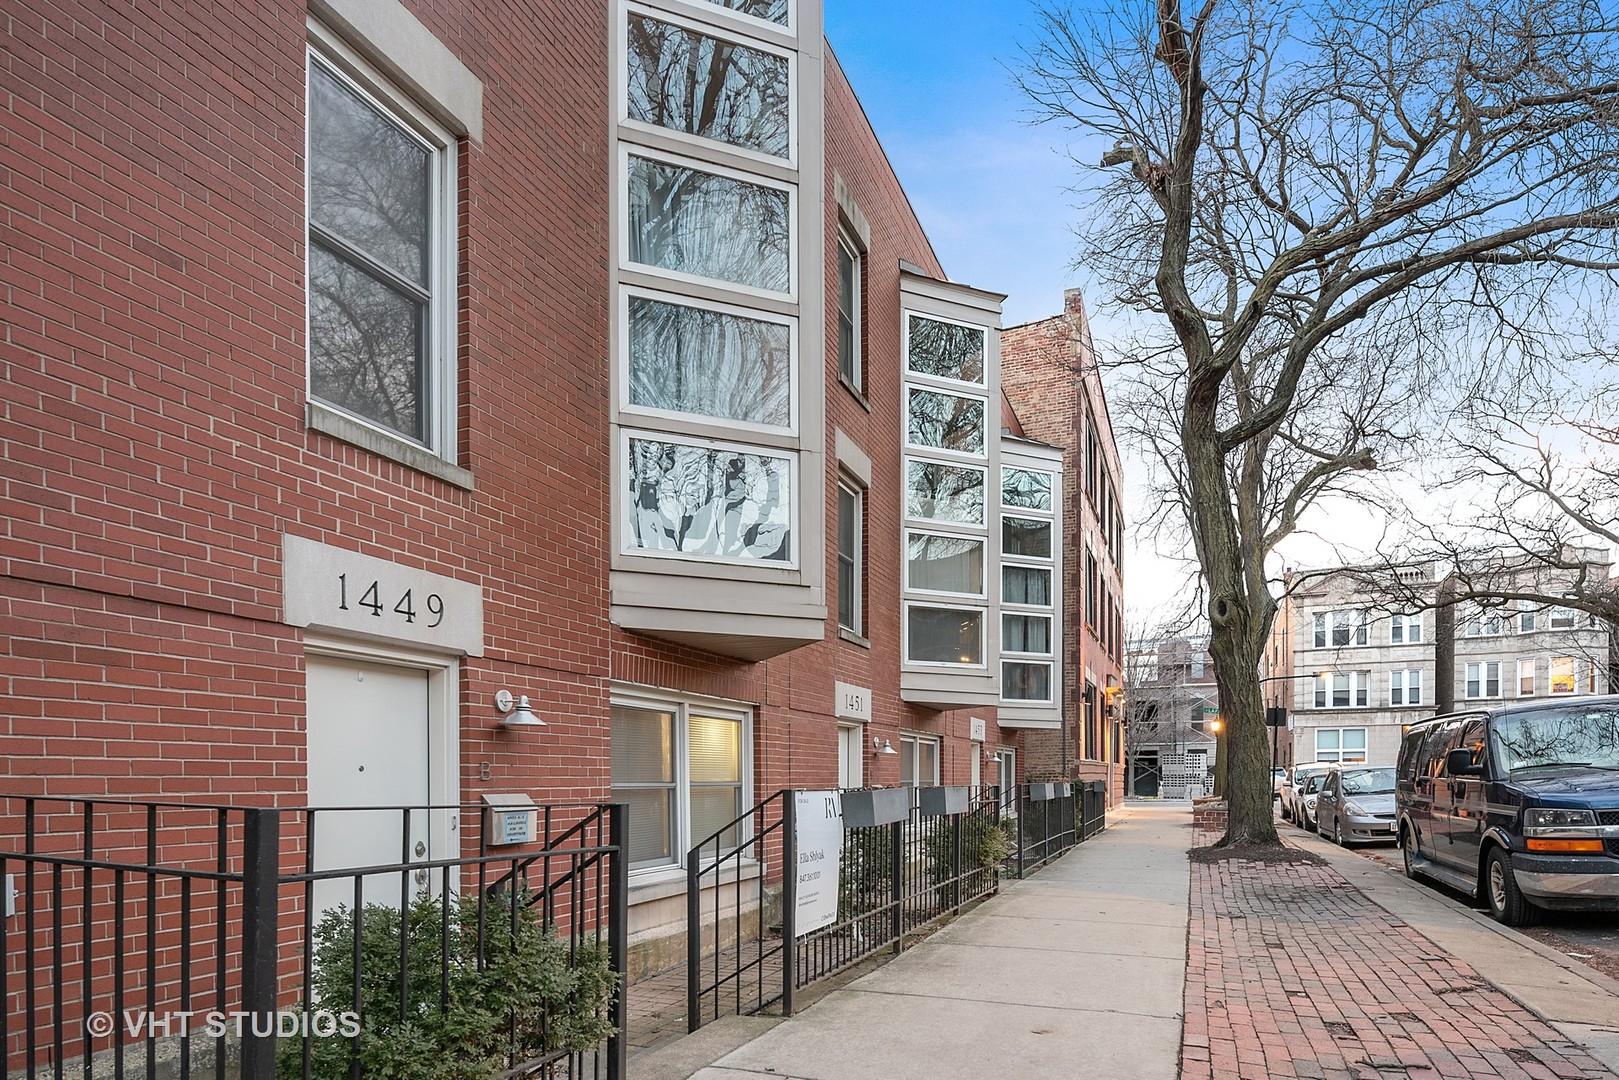 1449 W Lexington Exterior Photo